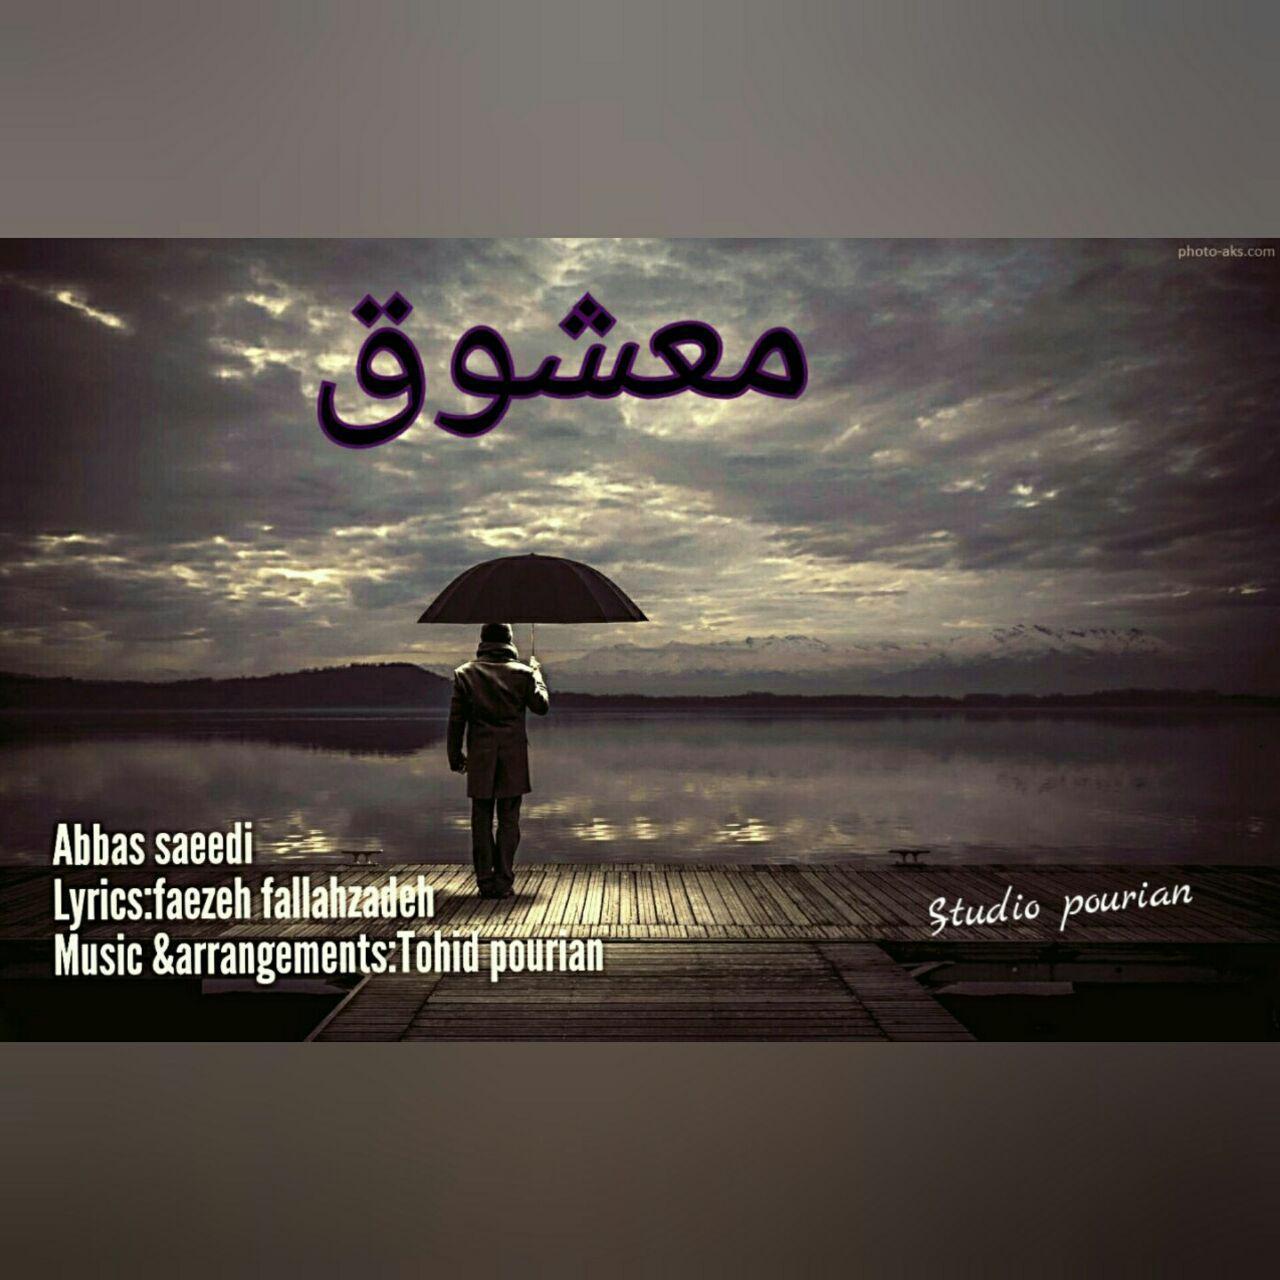 دانلود آهنگ جديد عباس سعیدی به نام معشوق